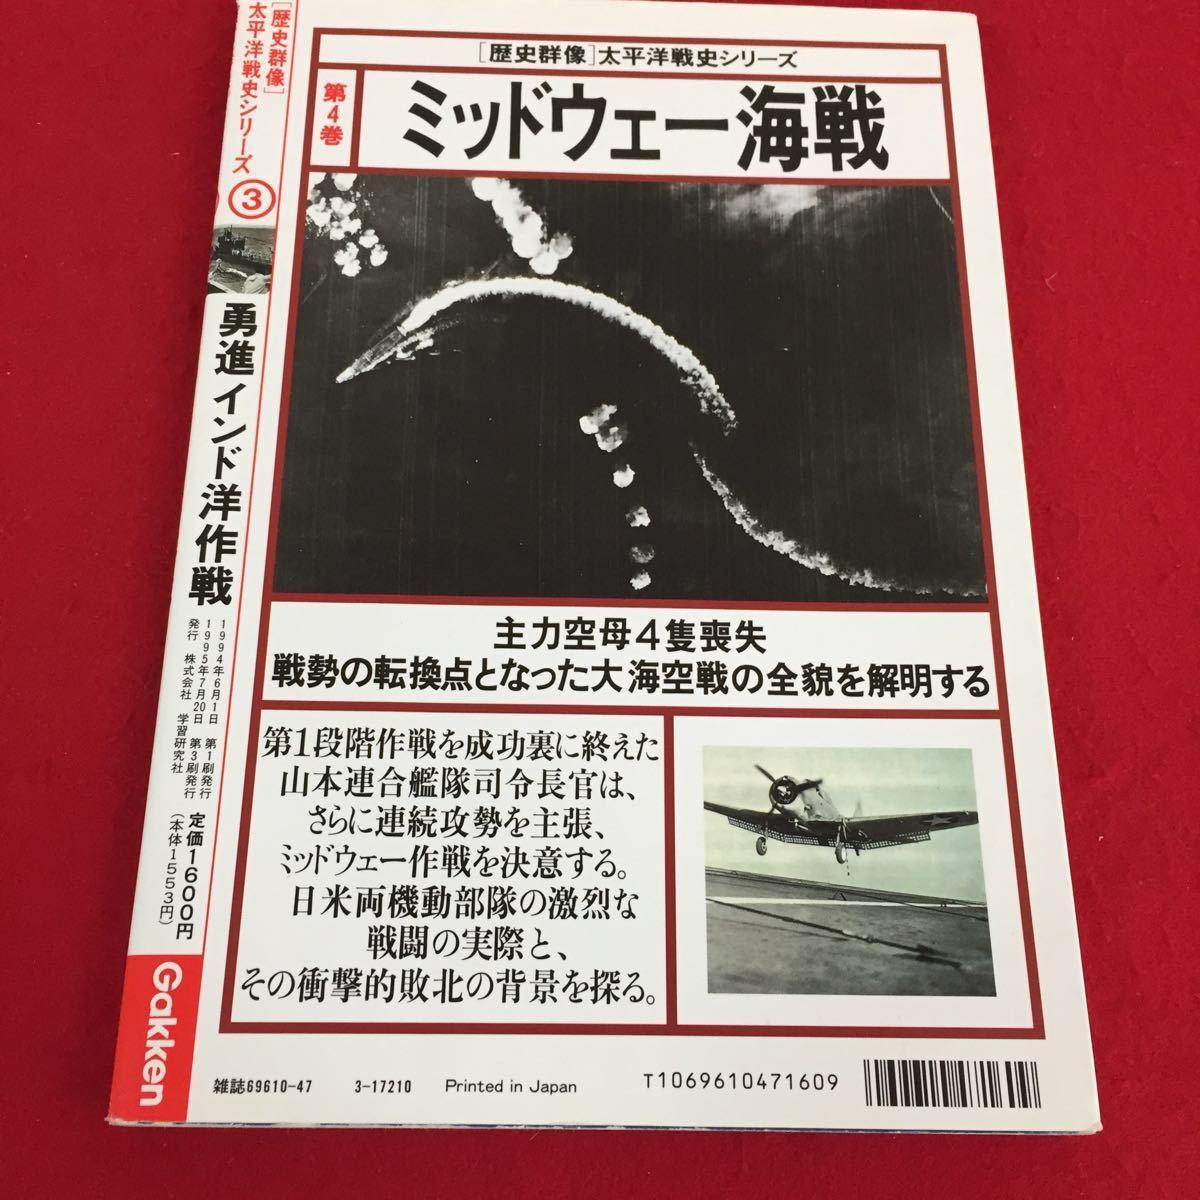 d1-0224-005 歴史群像 太平洋戦史シリーズVol.3 勇進インド洋作戦 1995年7月20日第3刷発行 シミあり※商品説明もご確認下さい※9_画像2